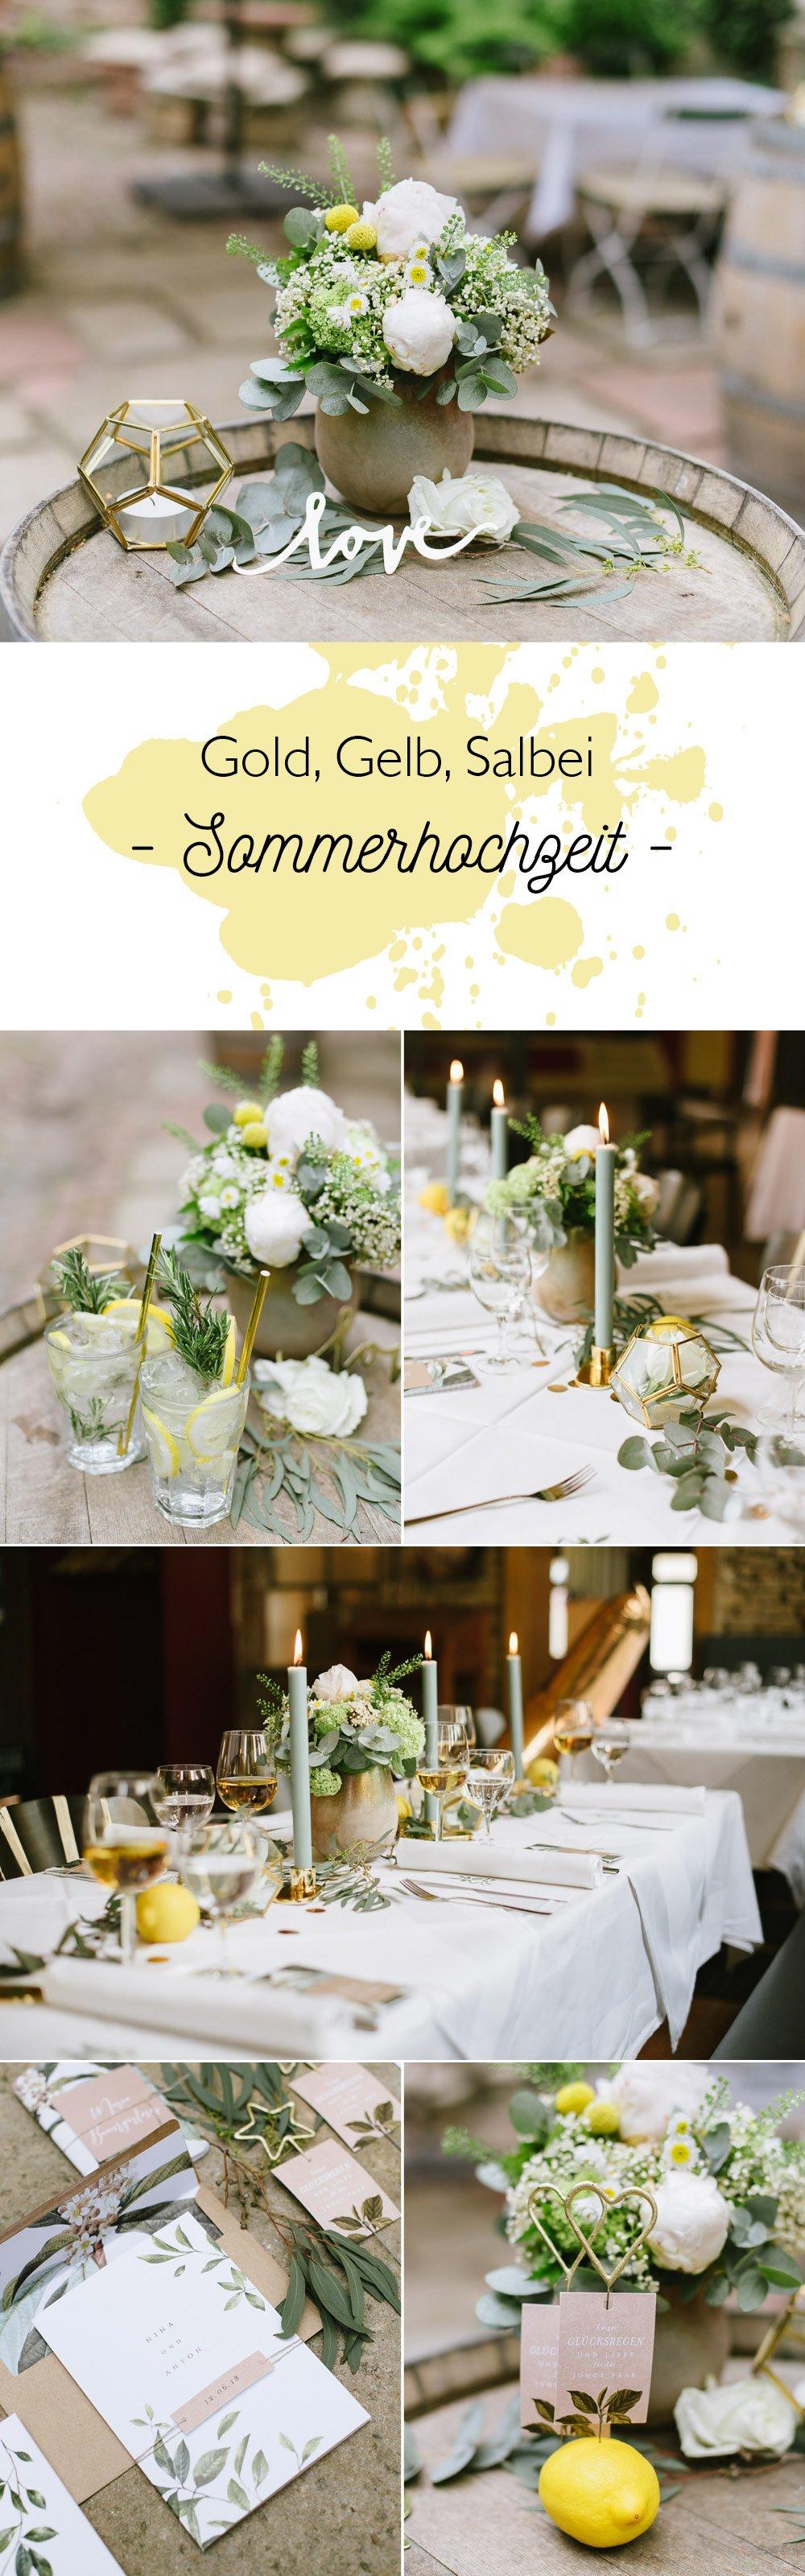 Dekoration Sommer Hochzeit in Gold, gelb und Eukalyptus